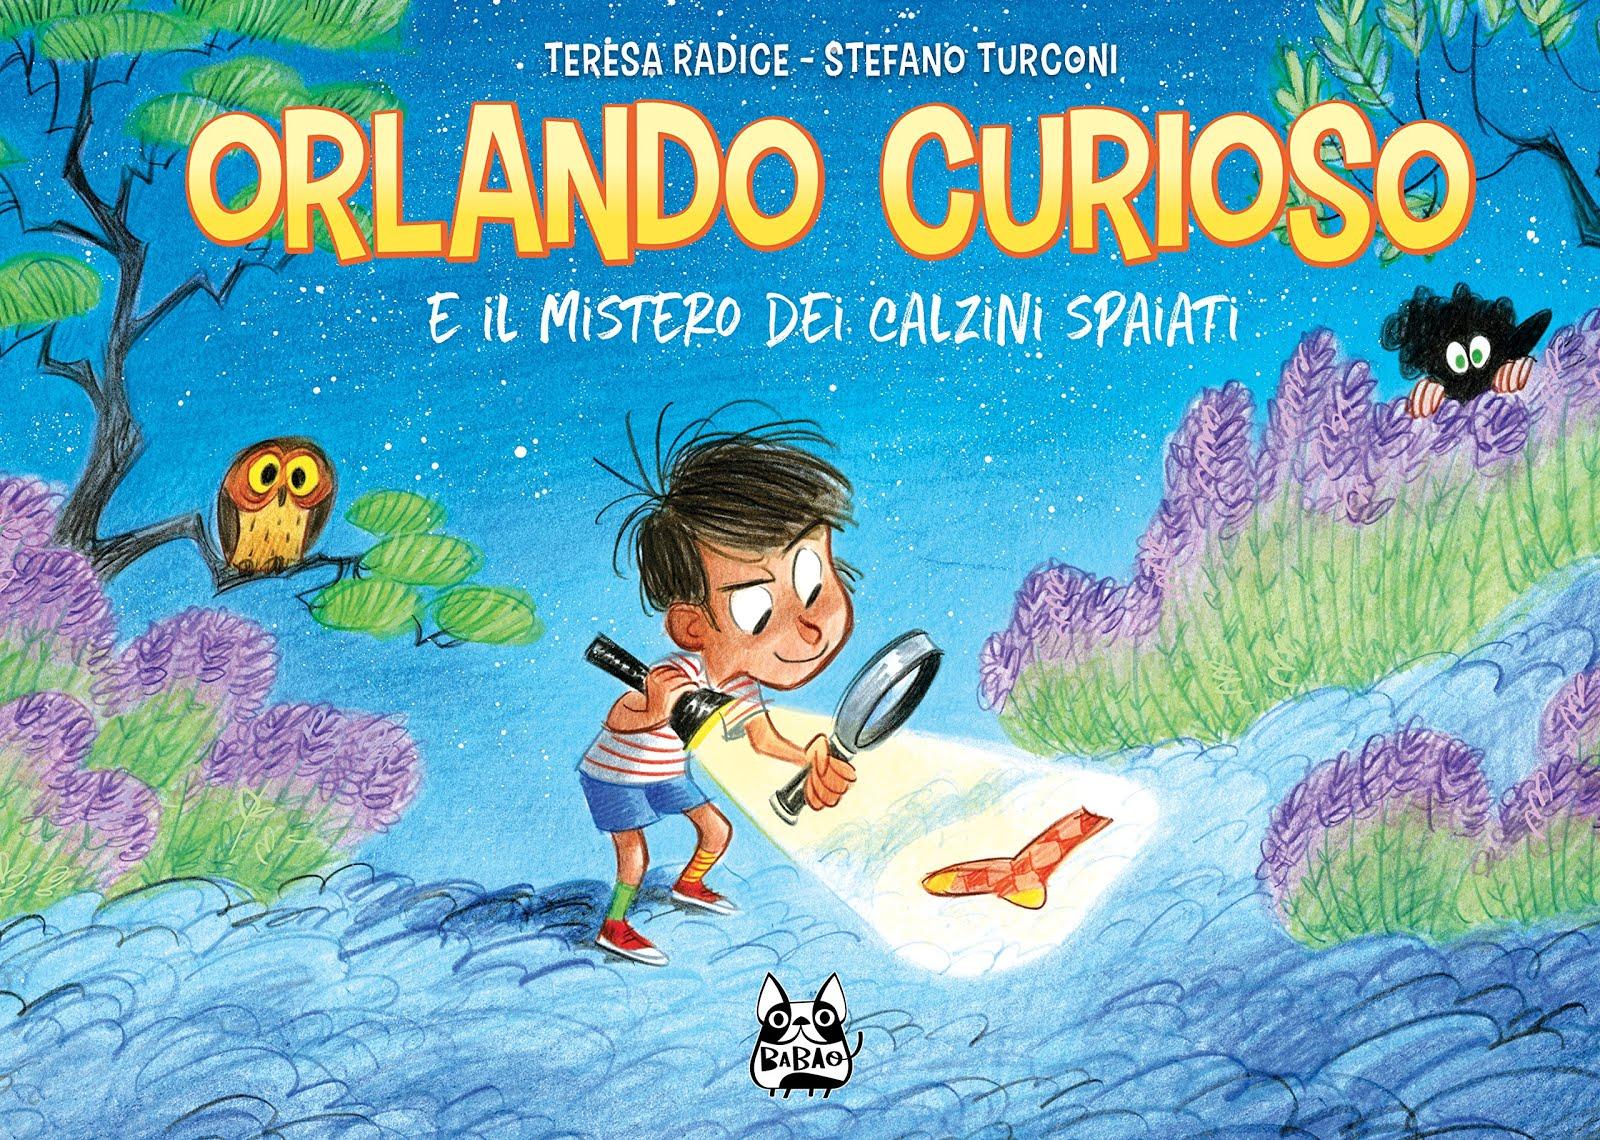 Orlando Curioso e il mistero dei calzini spaiati (2018)